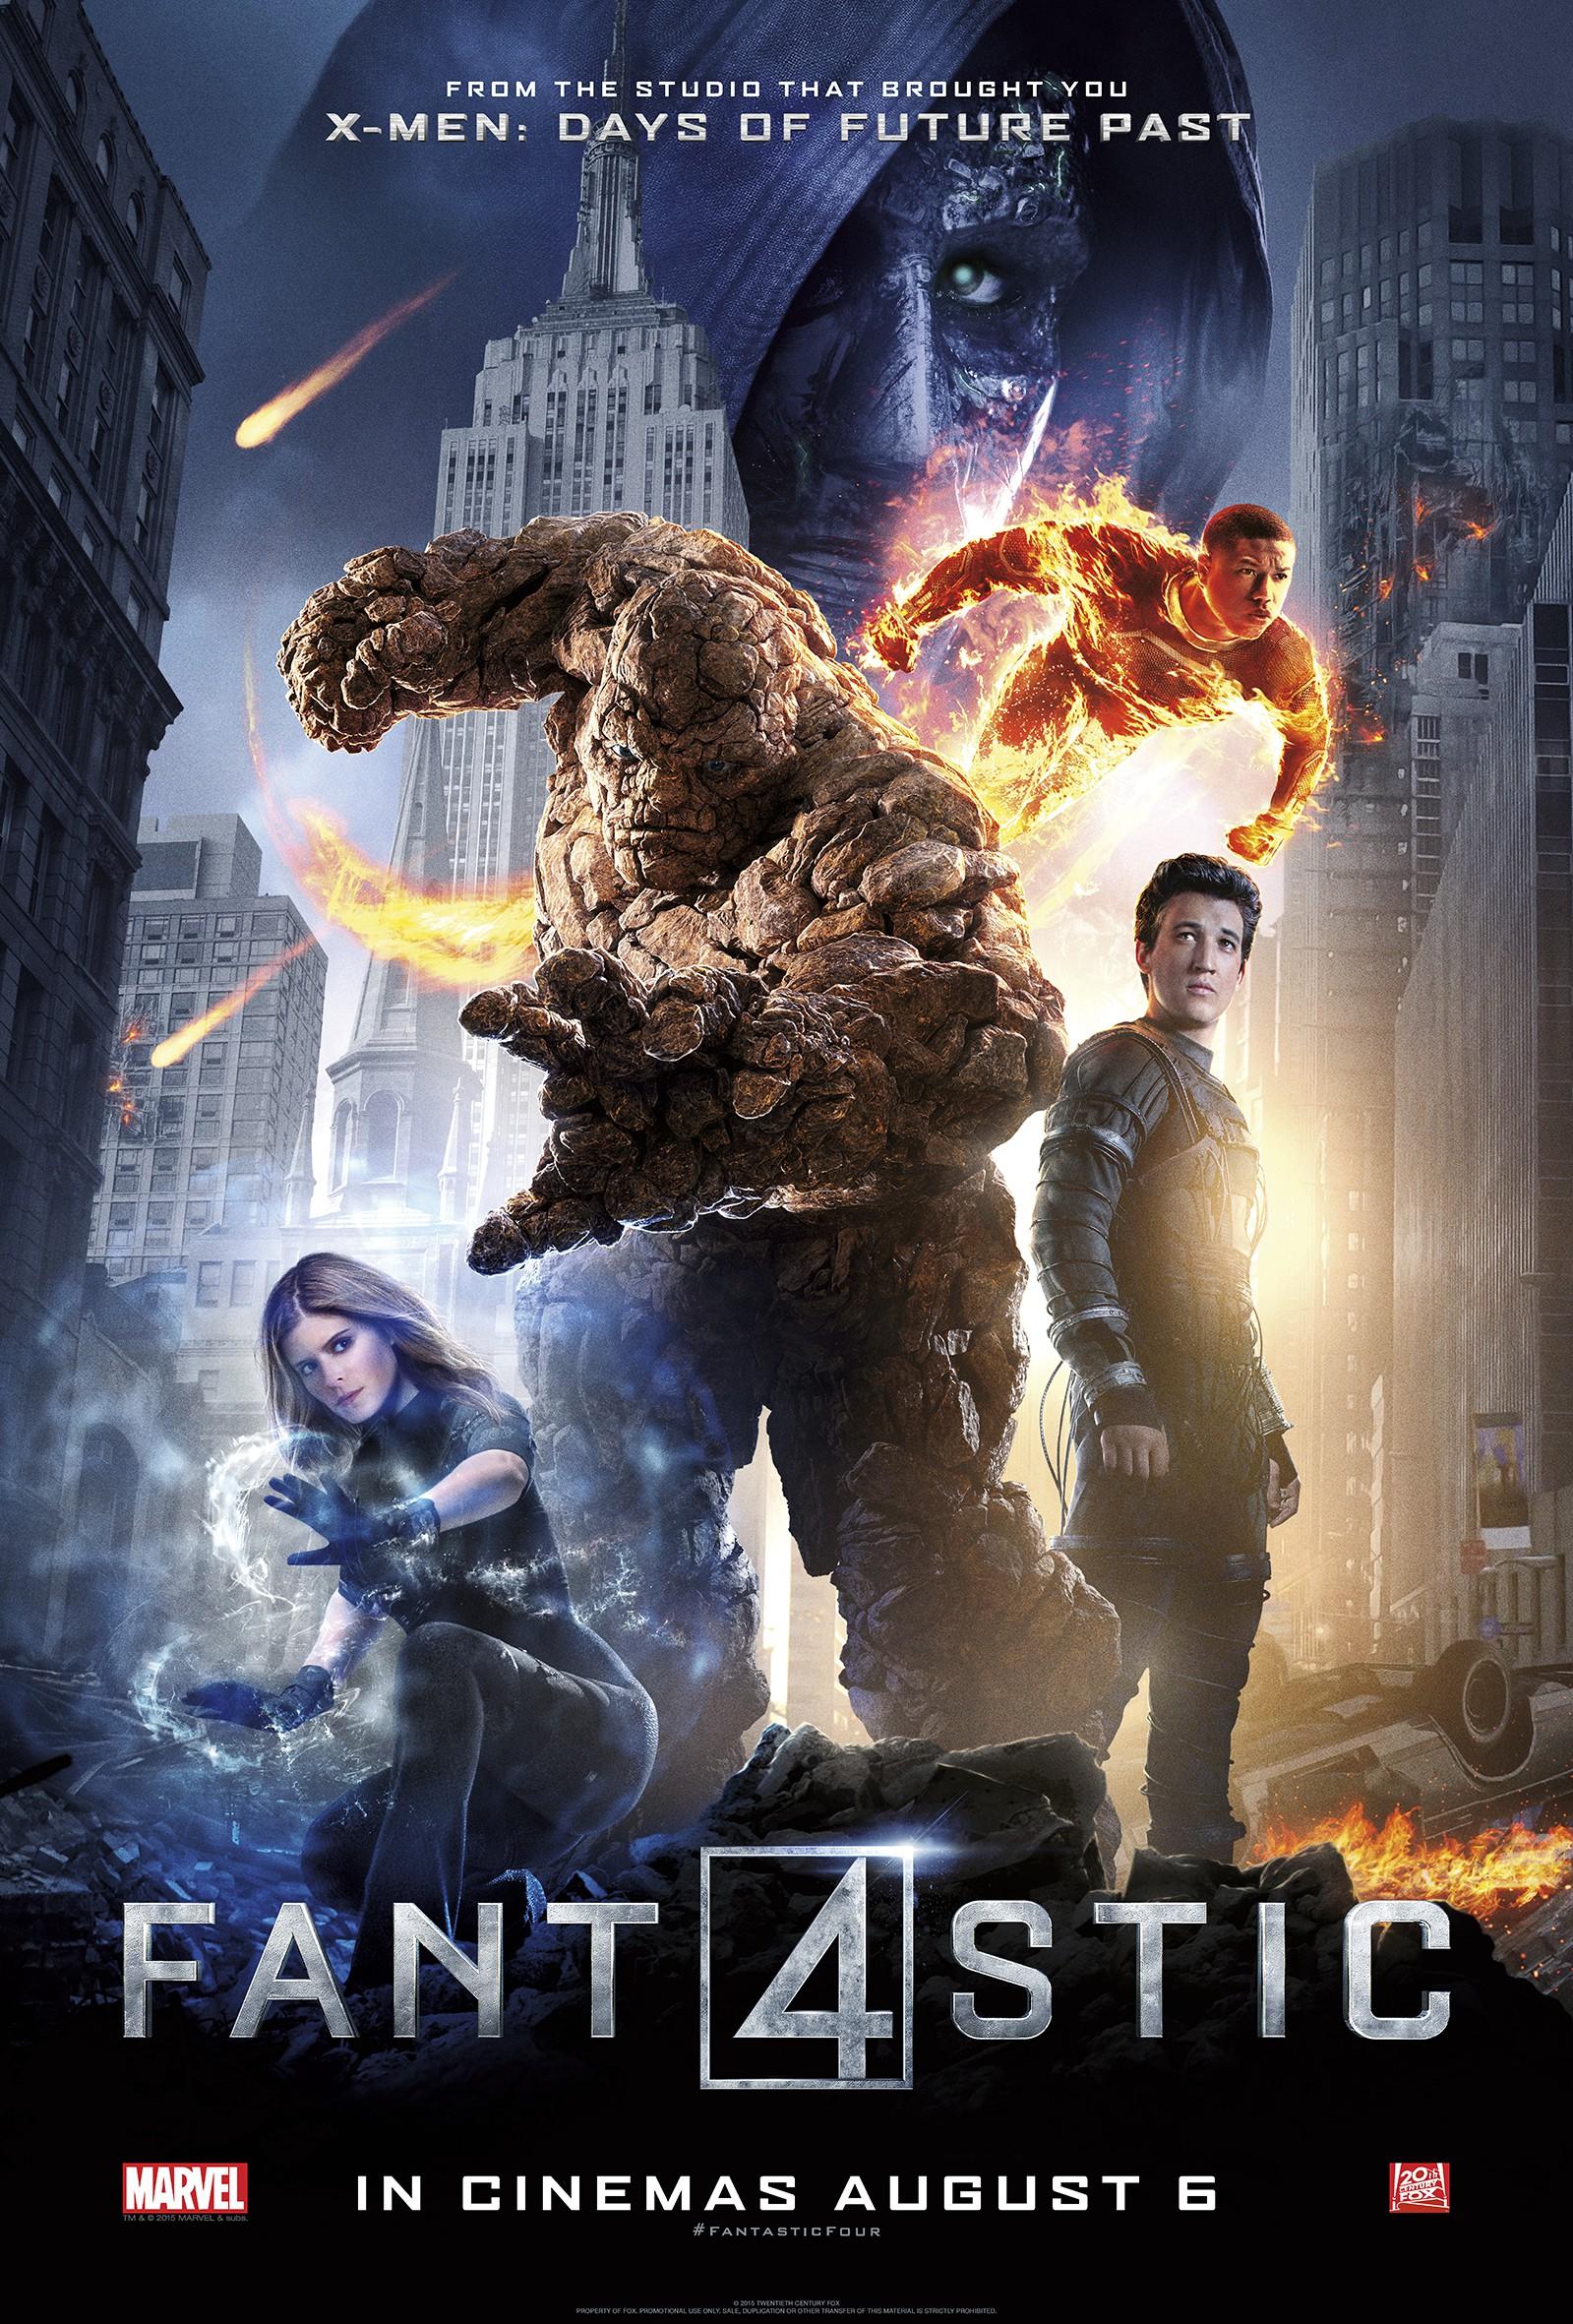 Fantastic_Four_2015_film_poster_007.jpg